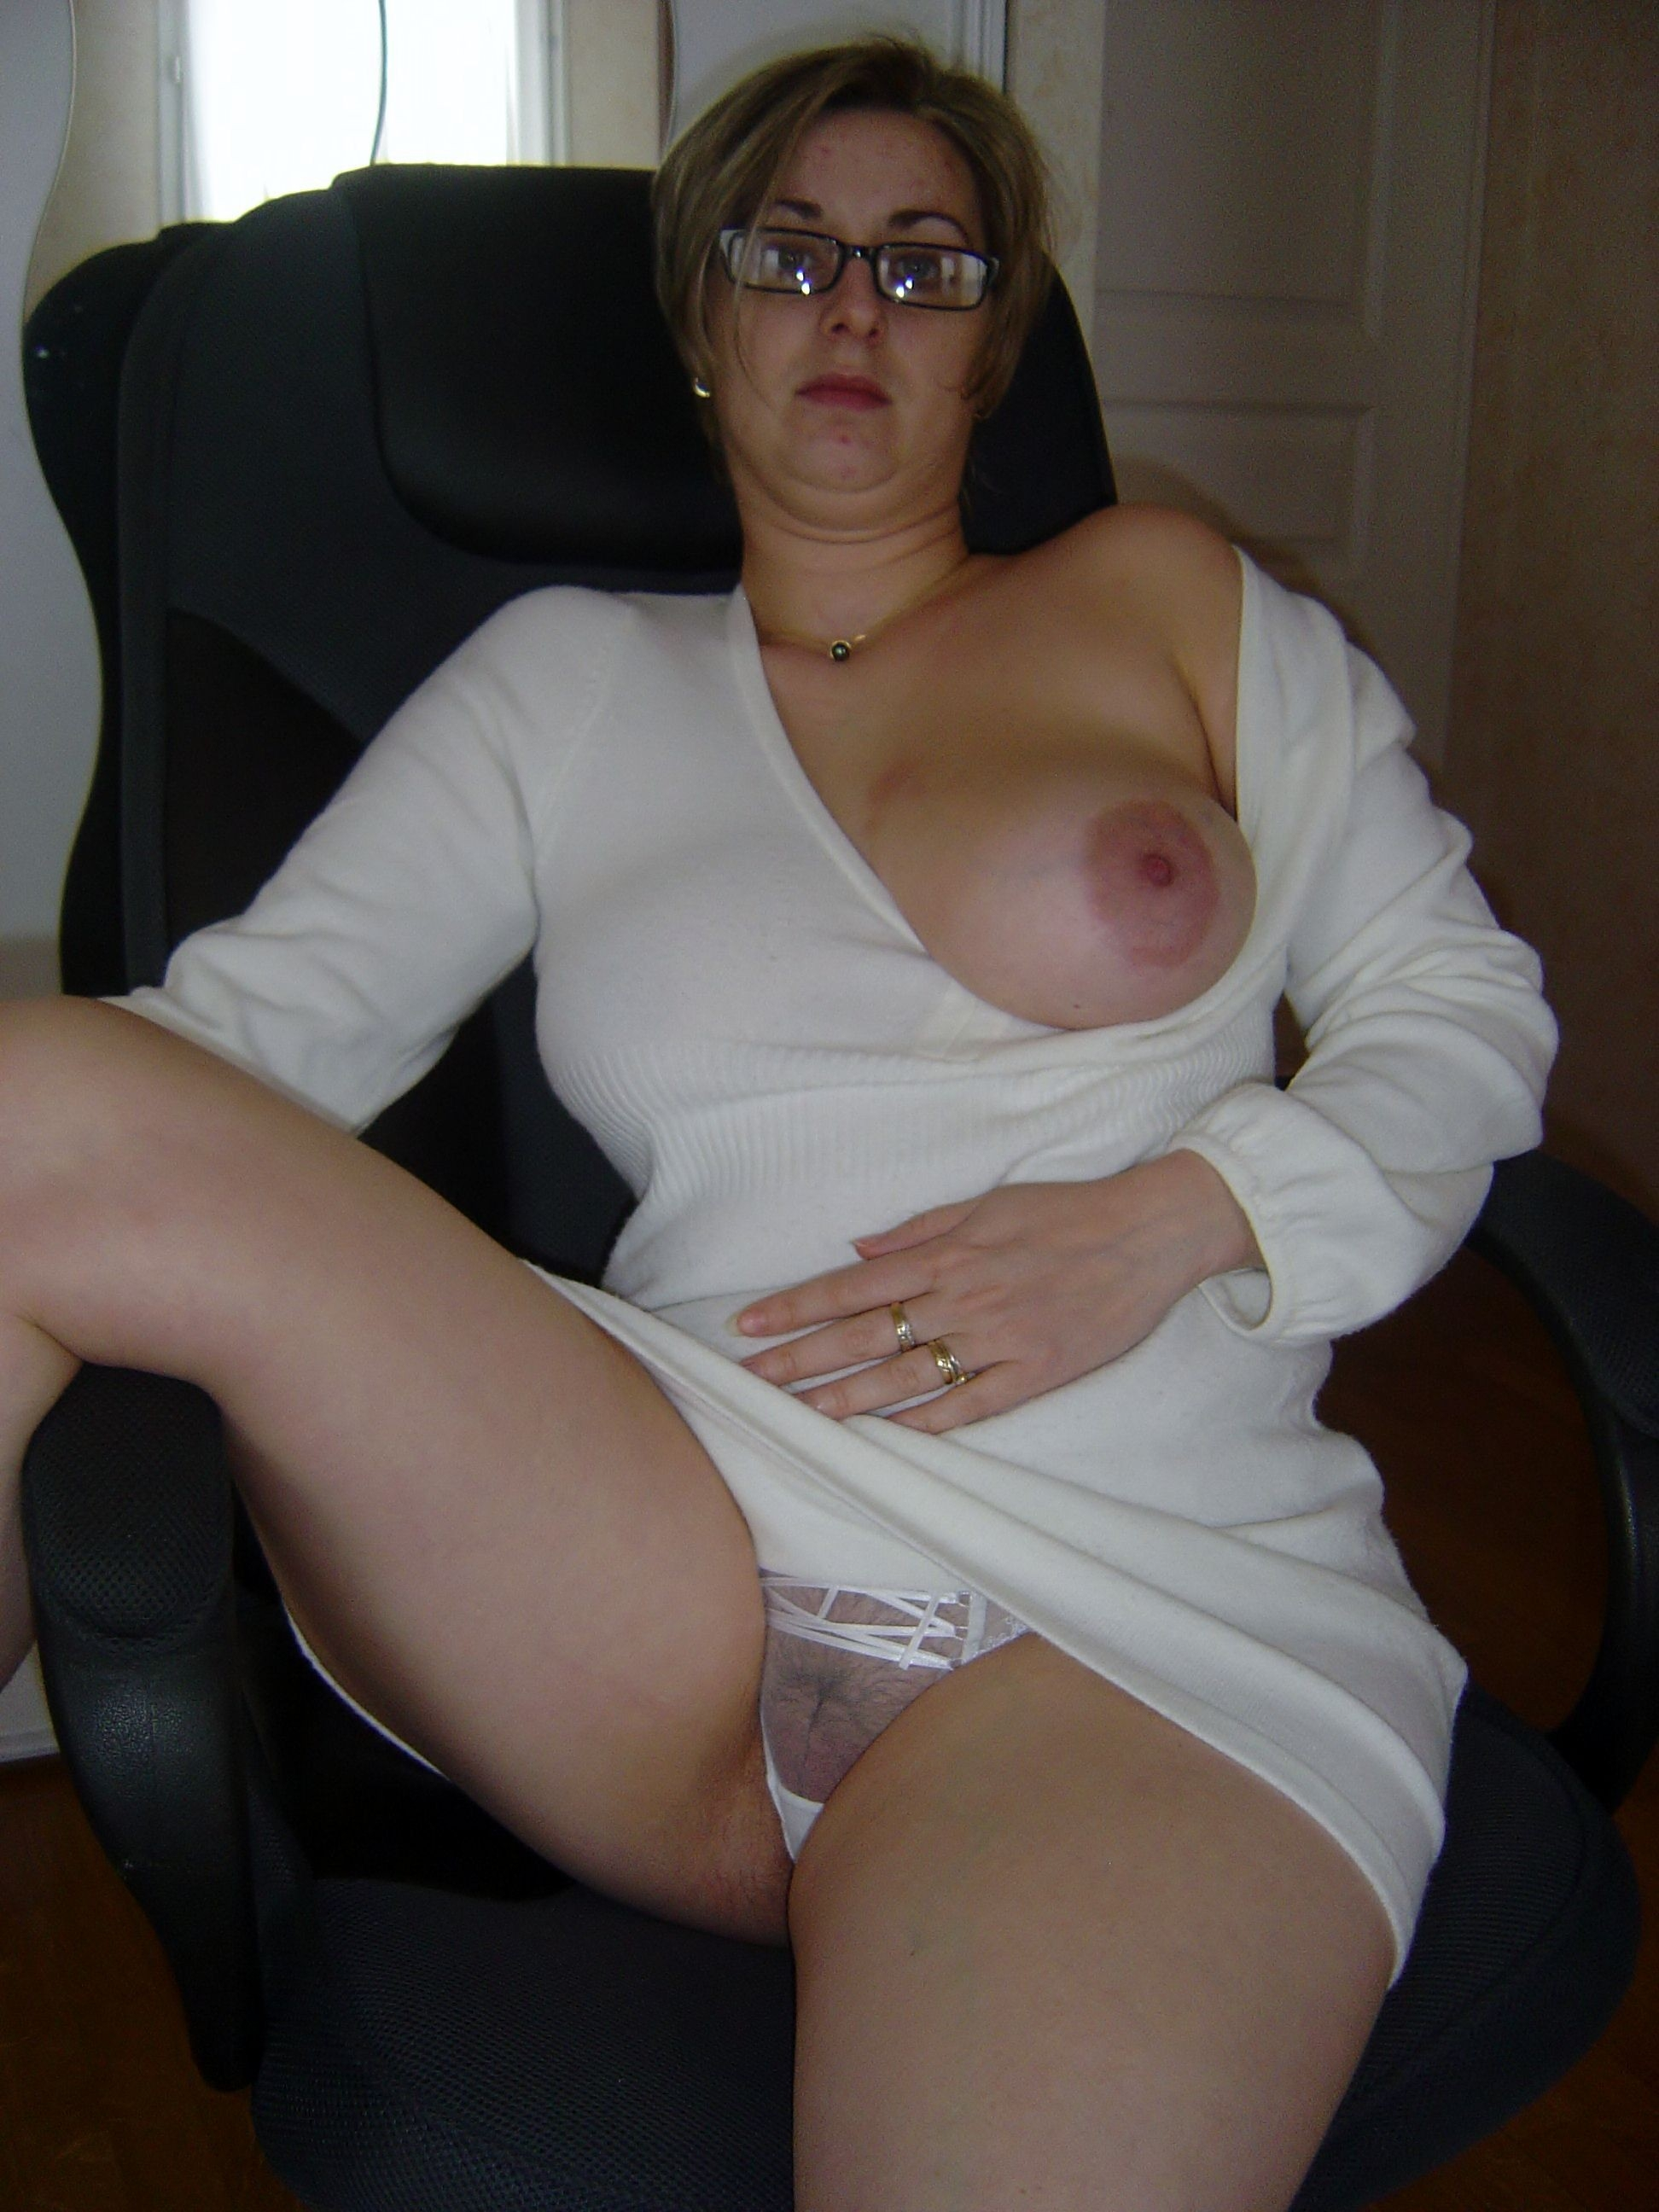 Pretty girl peeing nude